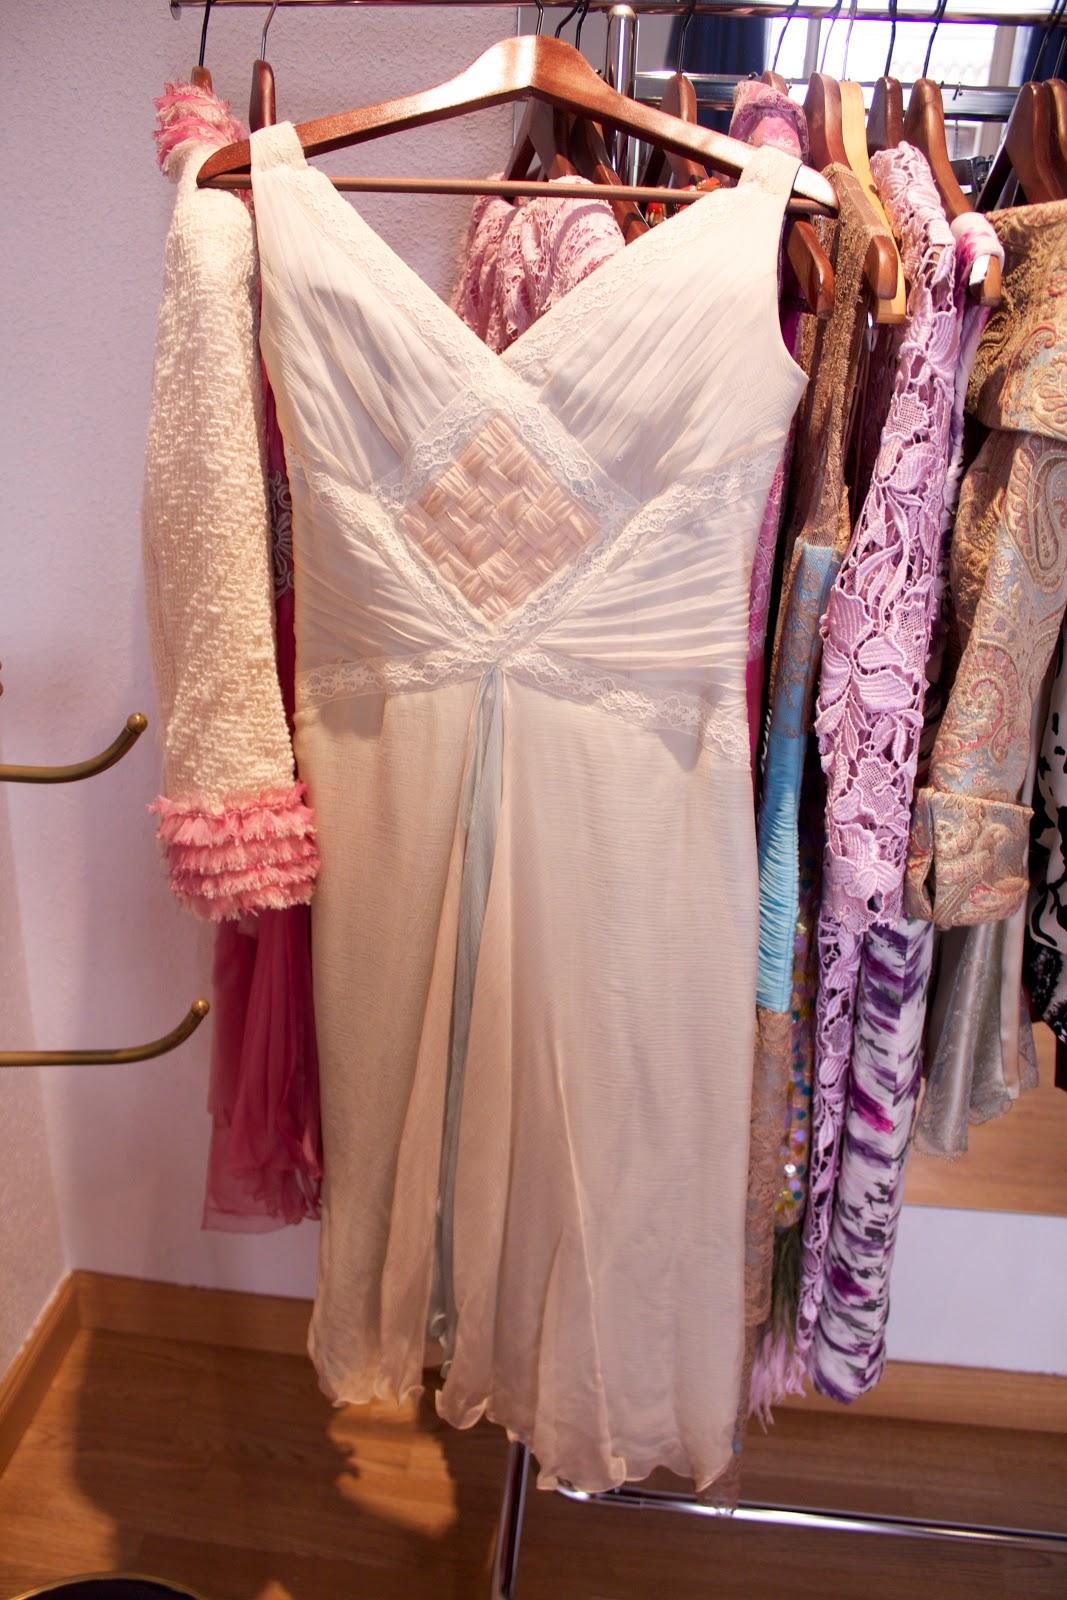 agosto 2011 - El bazar de Marisse